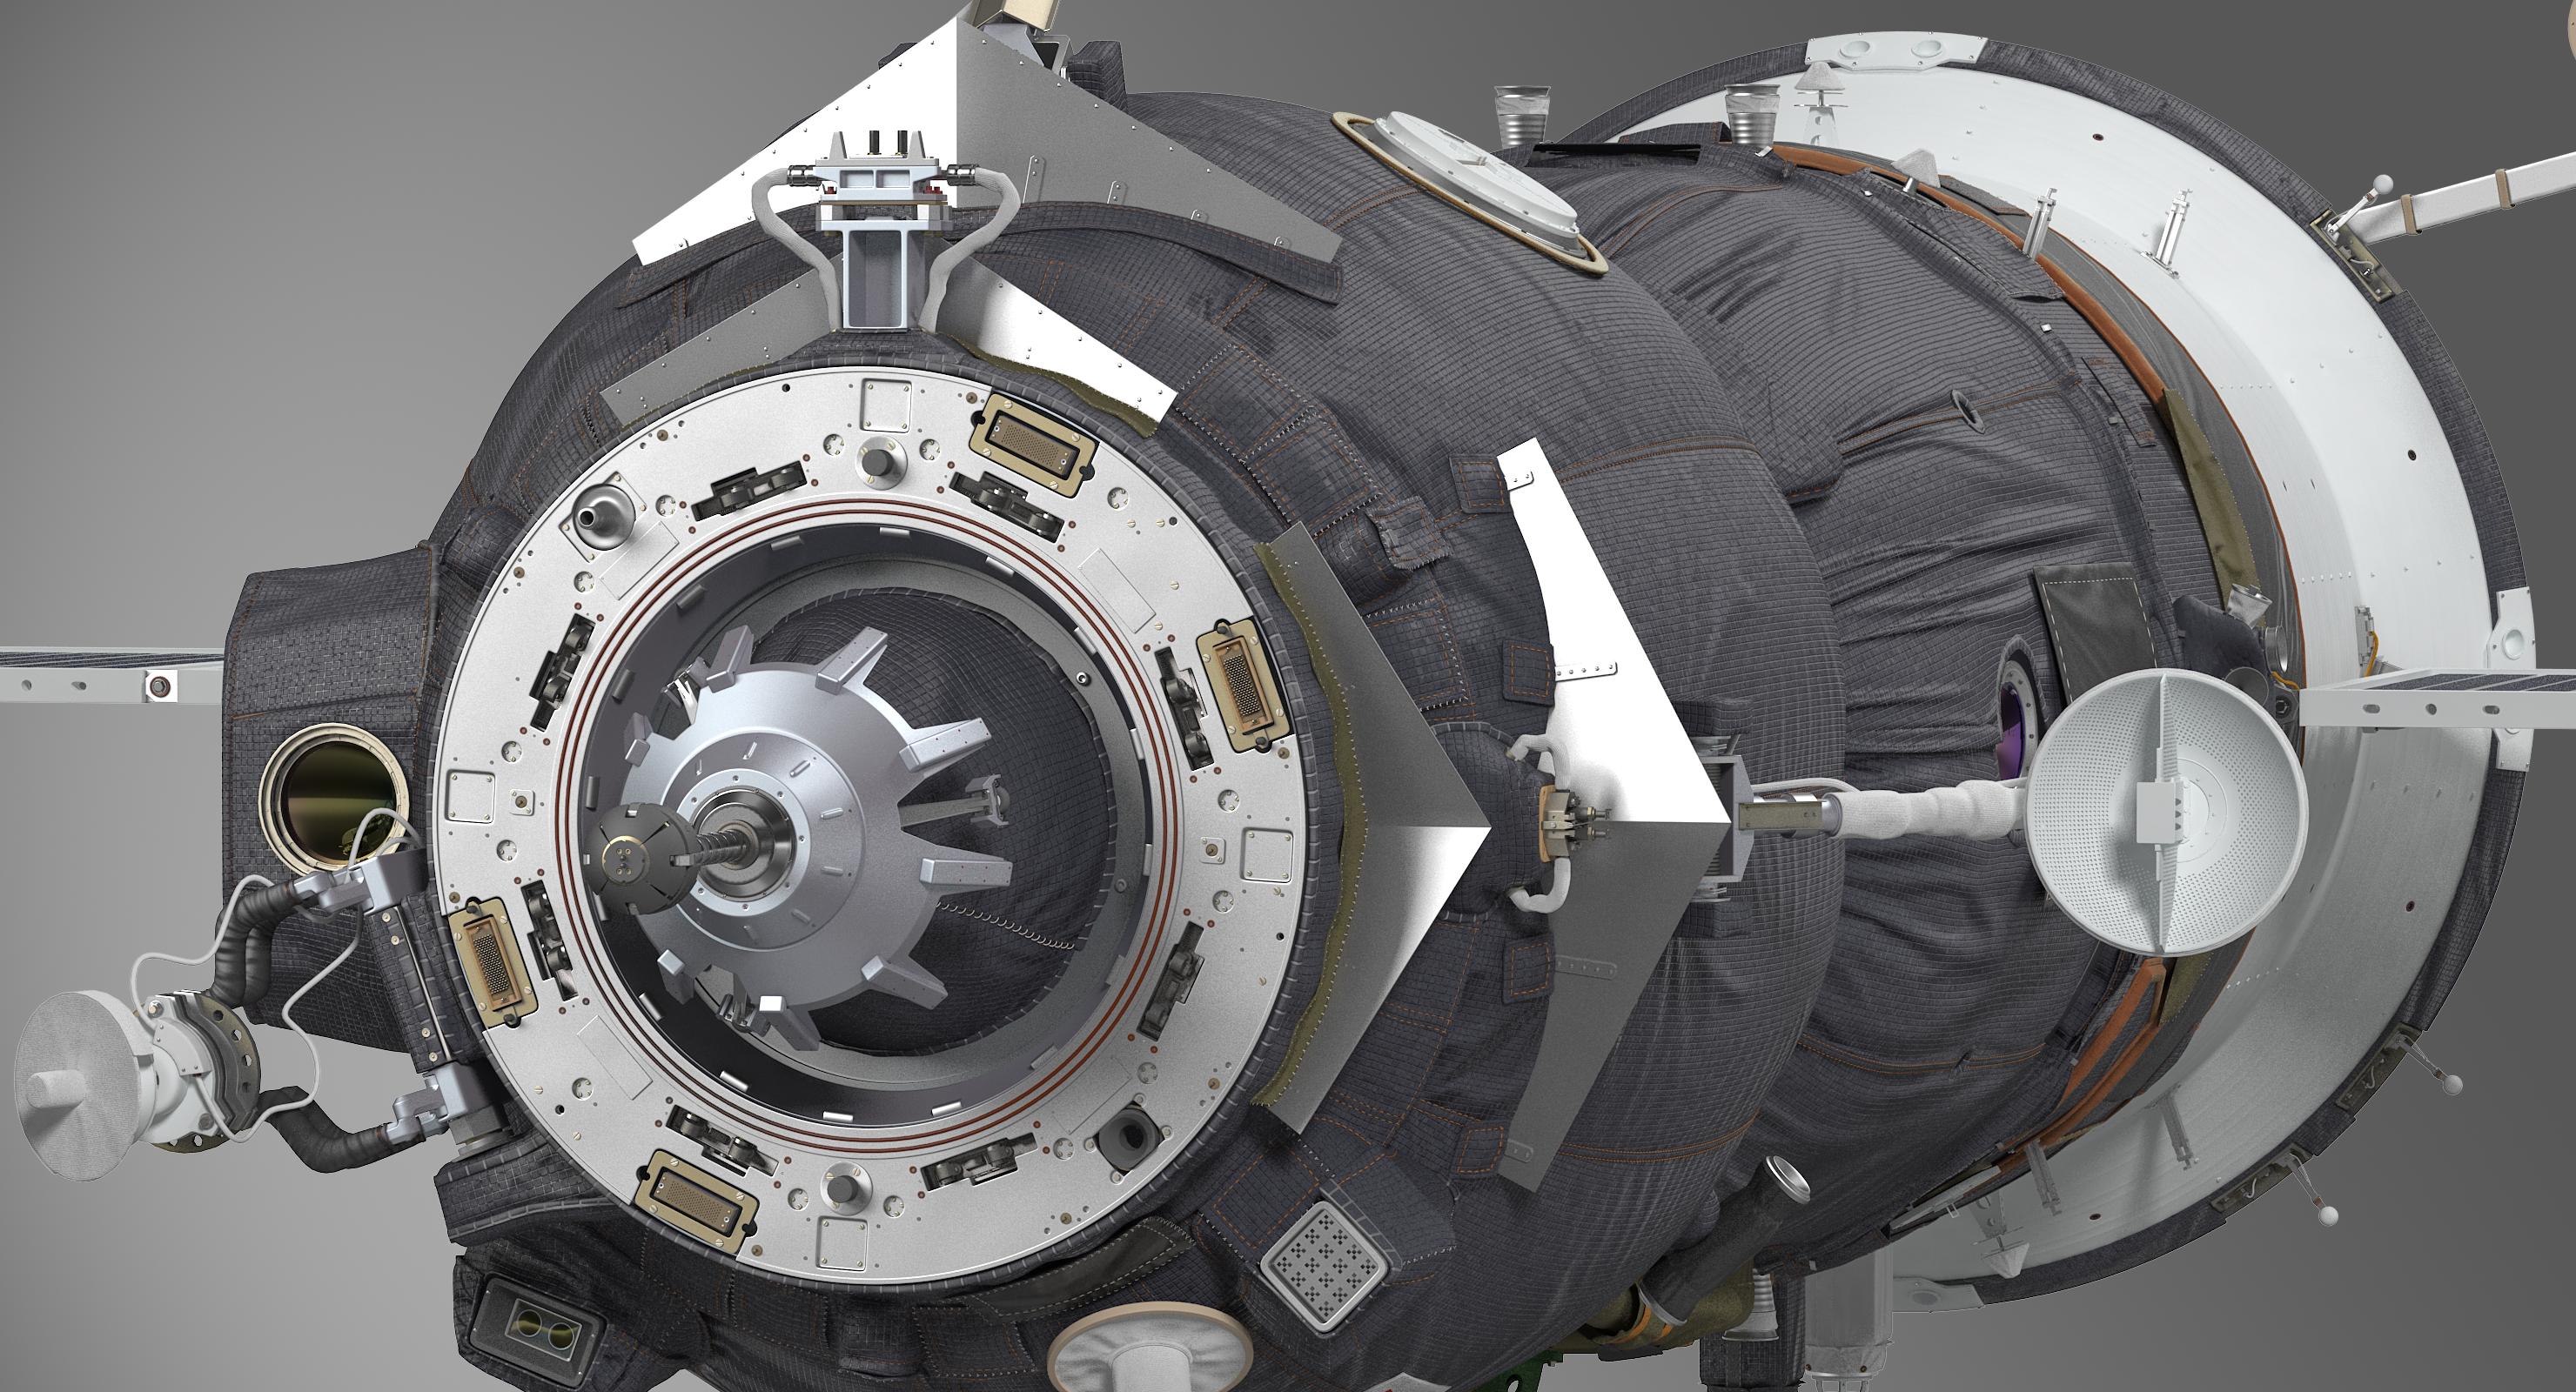 russian spacecraft soyuz - photo #48